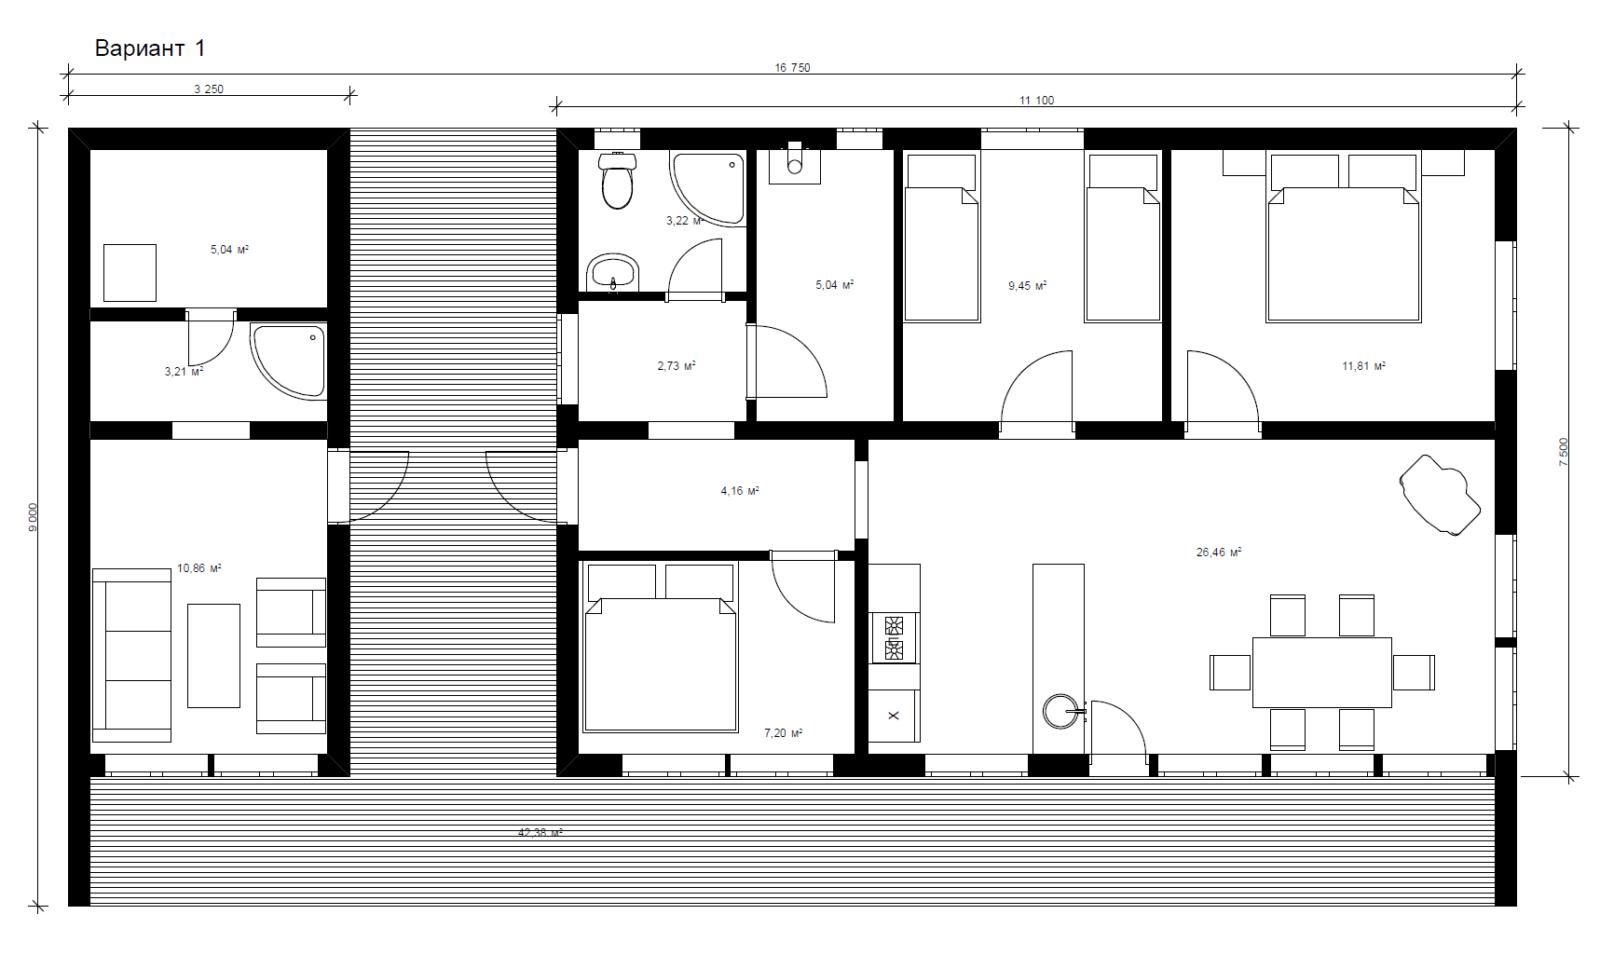 Проект каркасного дома для вытянутого участка